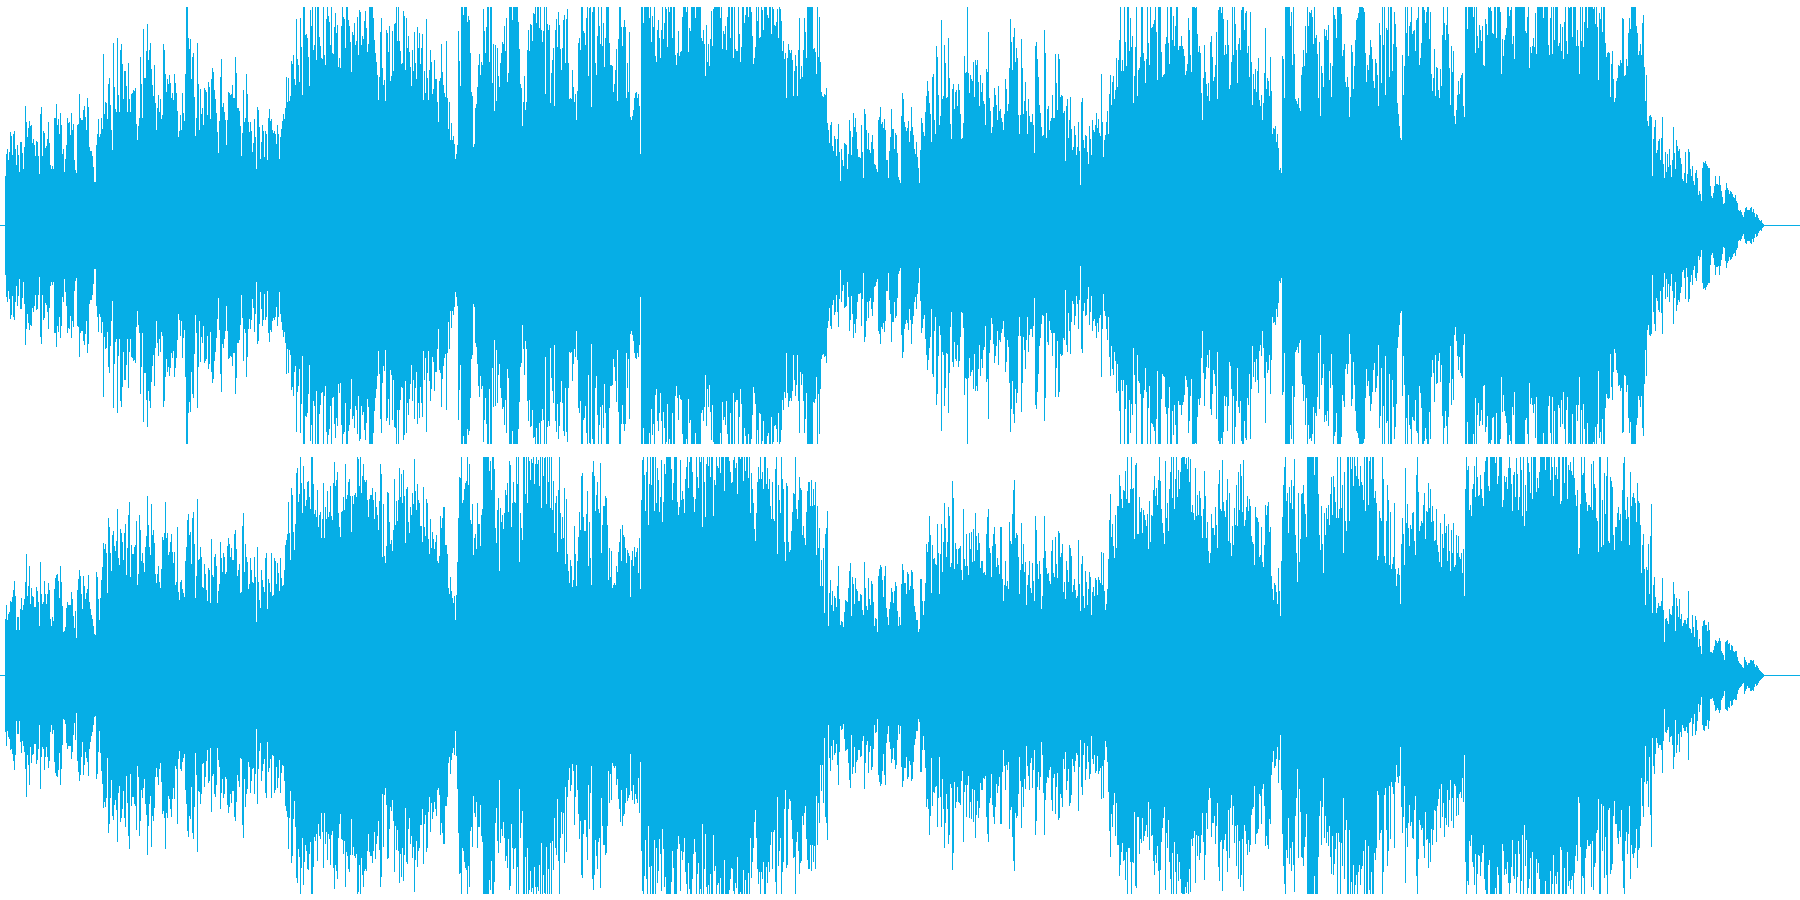 朝の登校風景の様なさわやかなBGMの再生済みの波形